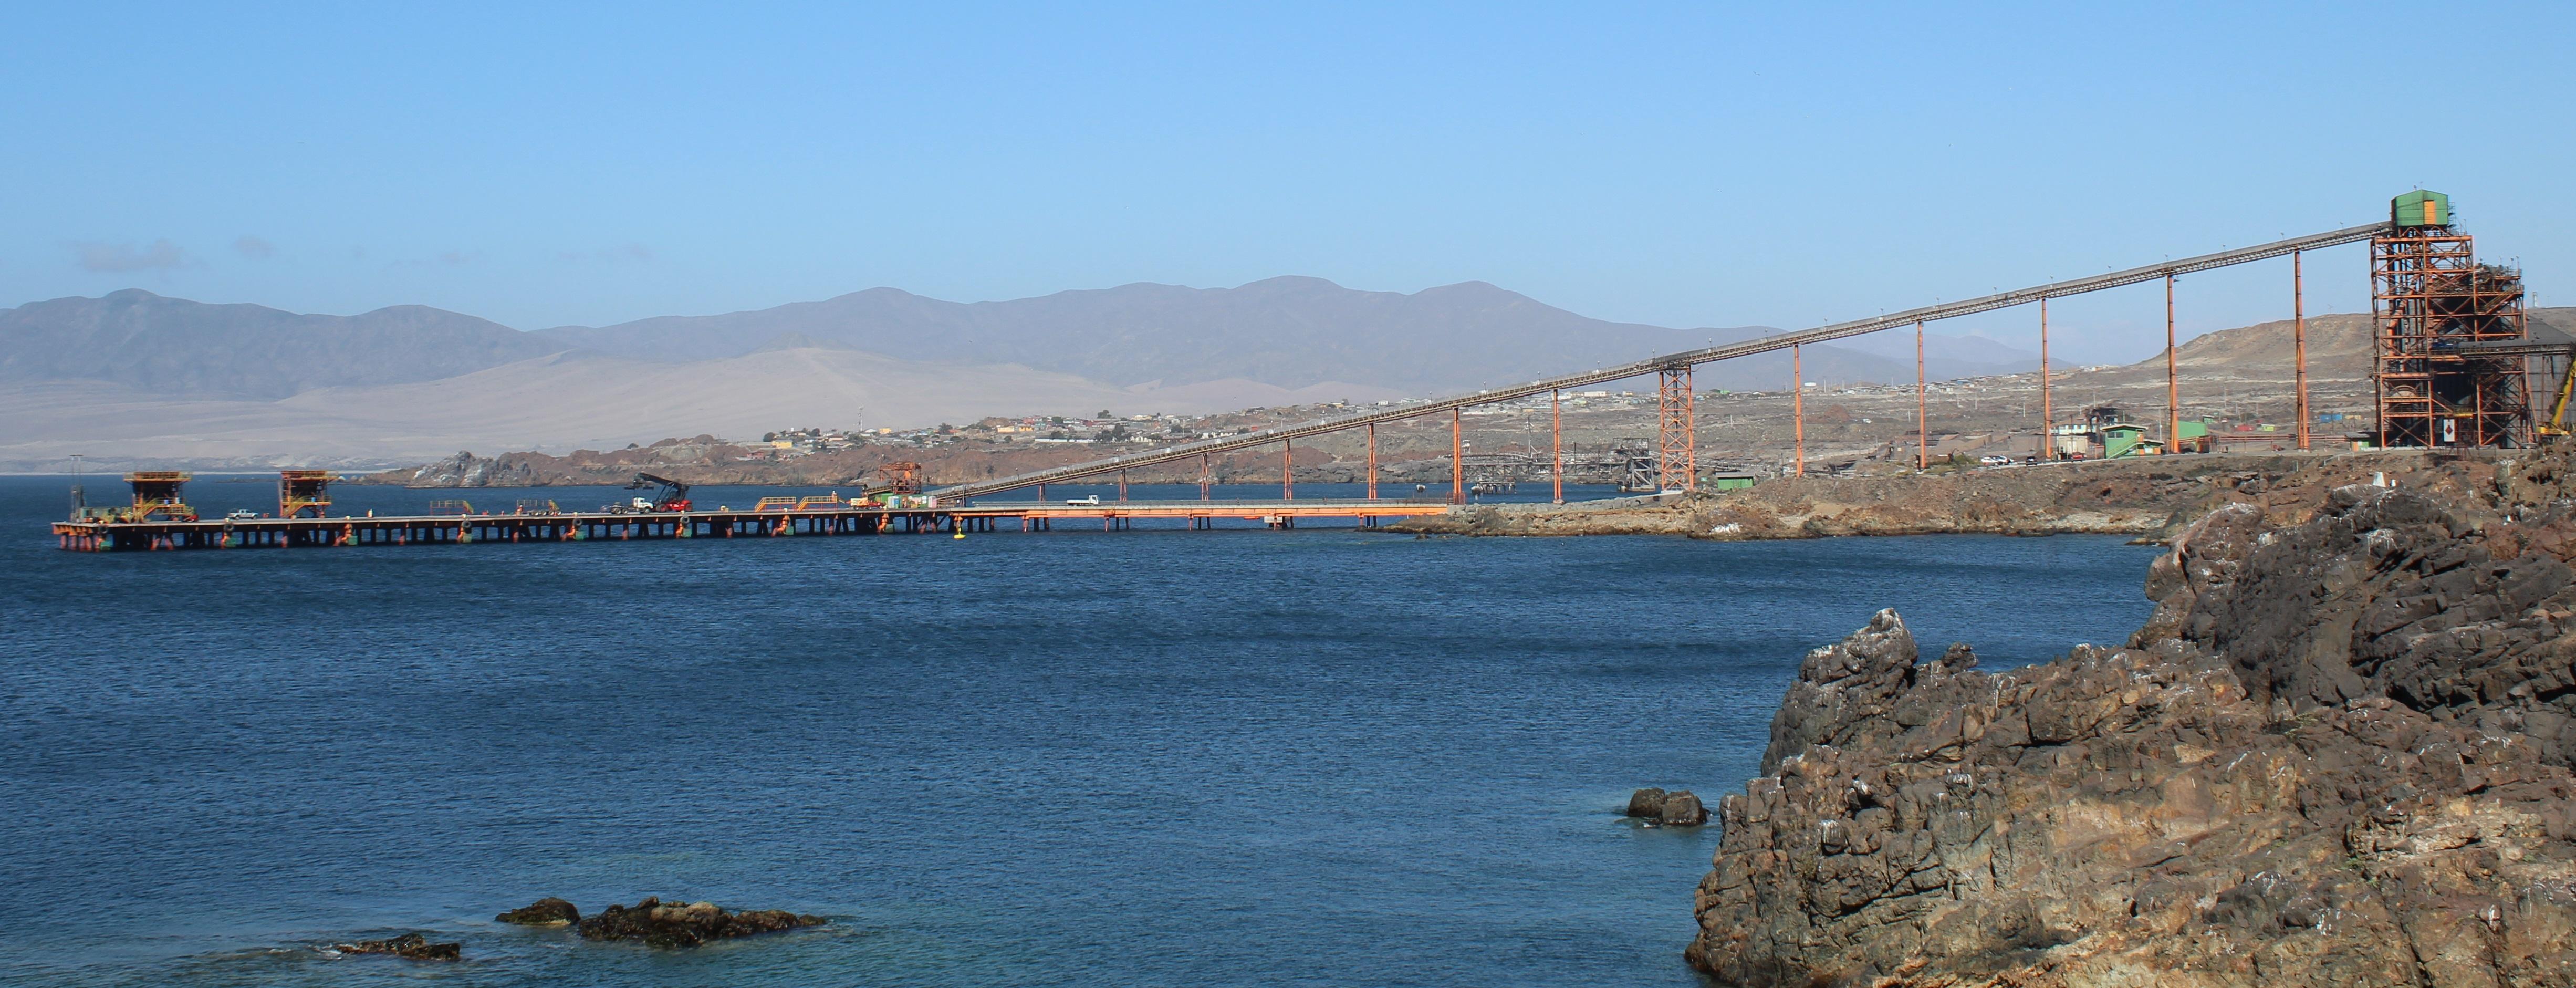 CAP Minería obtiene admisibilidad para embarcar pellets por Puerto Las Losas